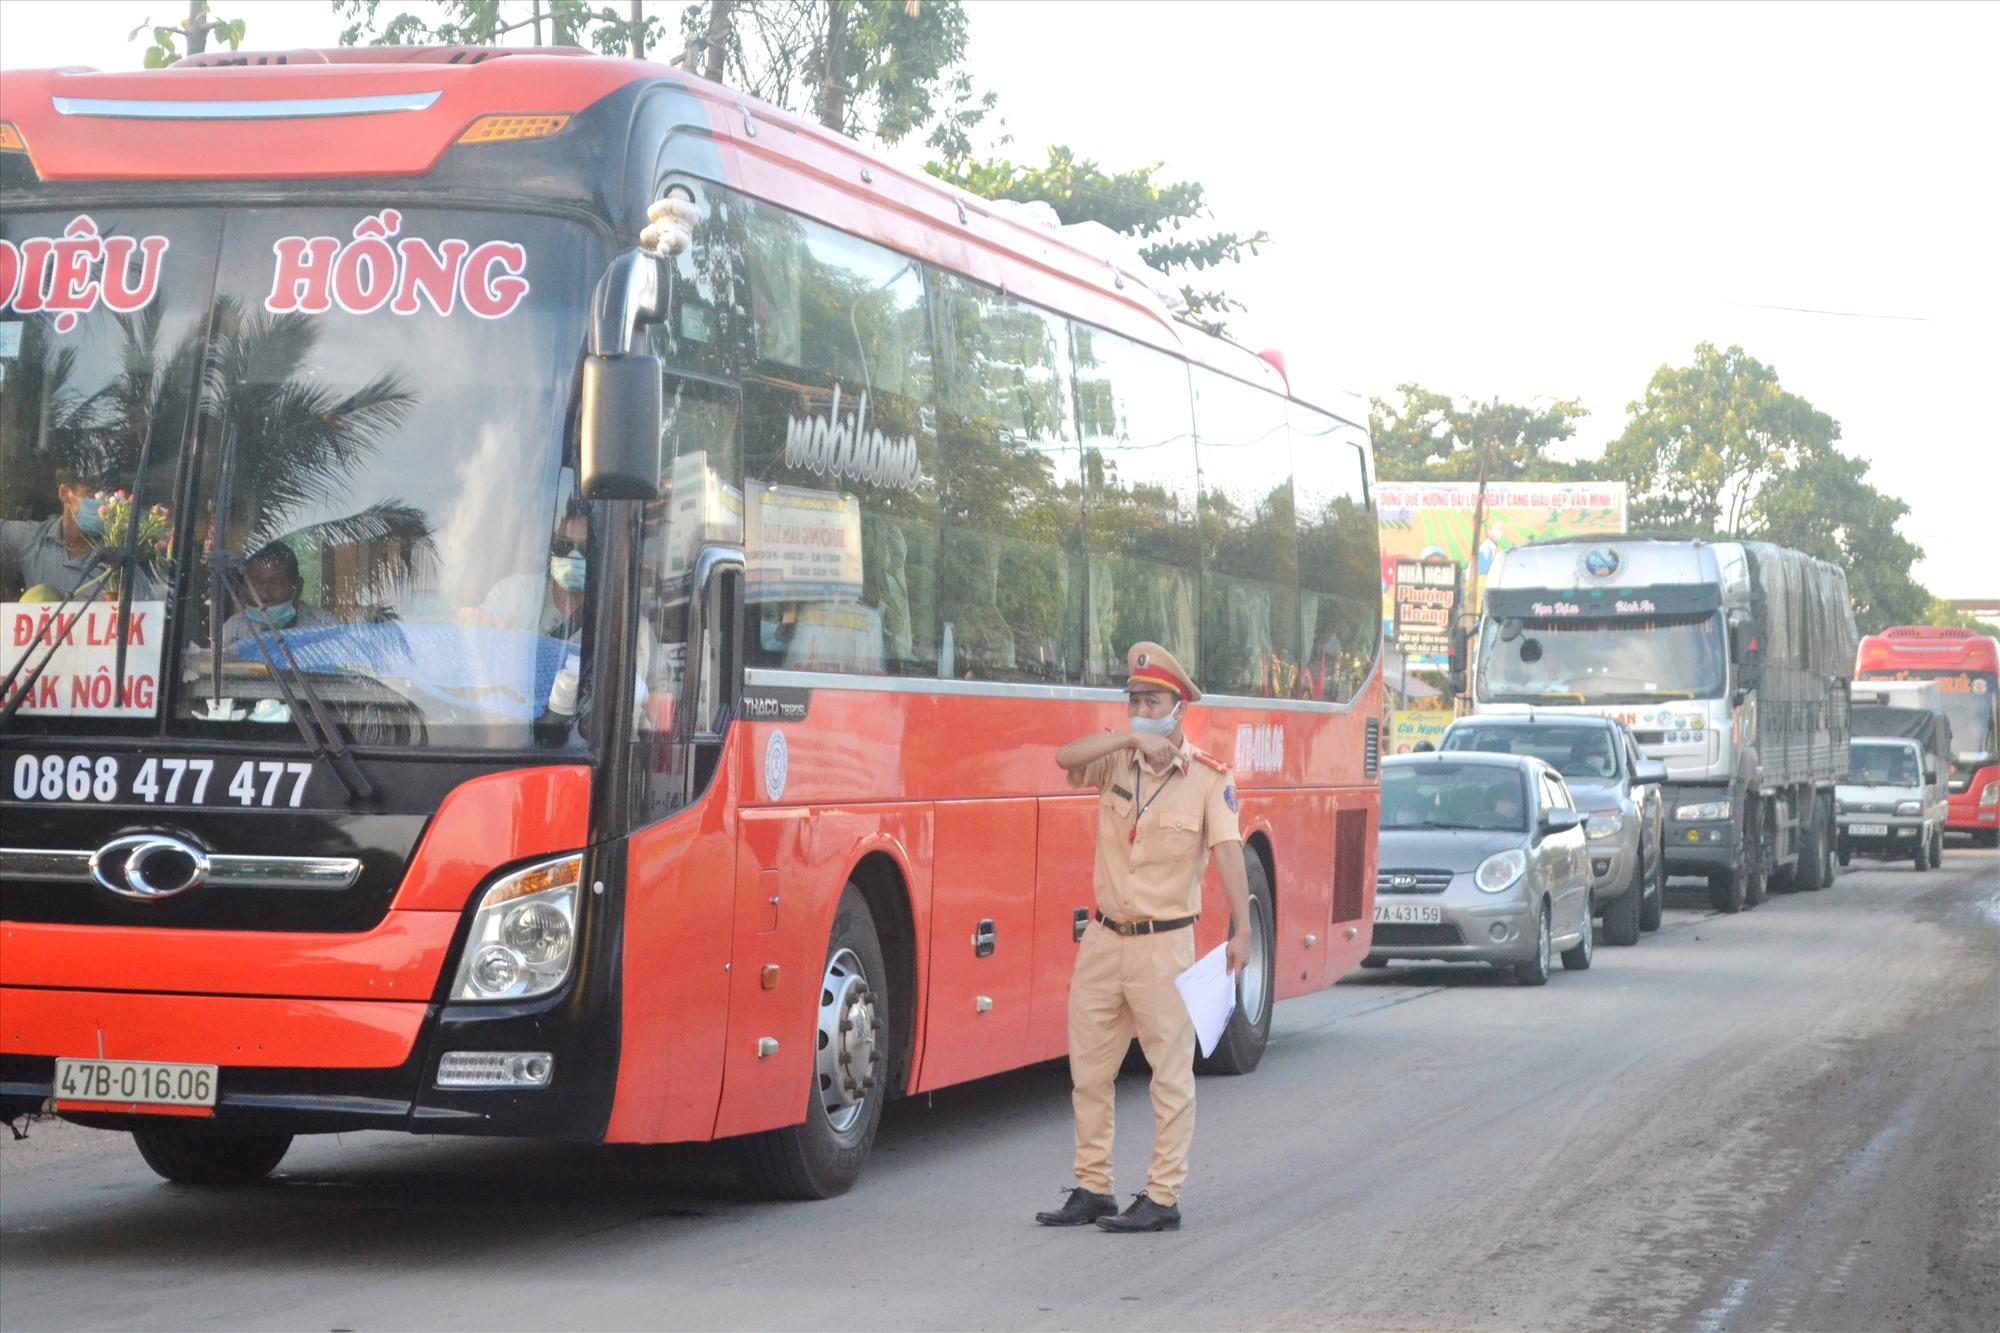 Xe khách liên tỉnh đi qua các địa phương có dịch không được dừng, đỗ để đón, trả khách tại địa phận Quảng Nam (ảnh minh họa). Ảnh: CT